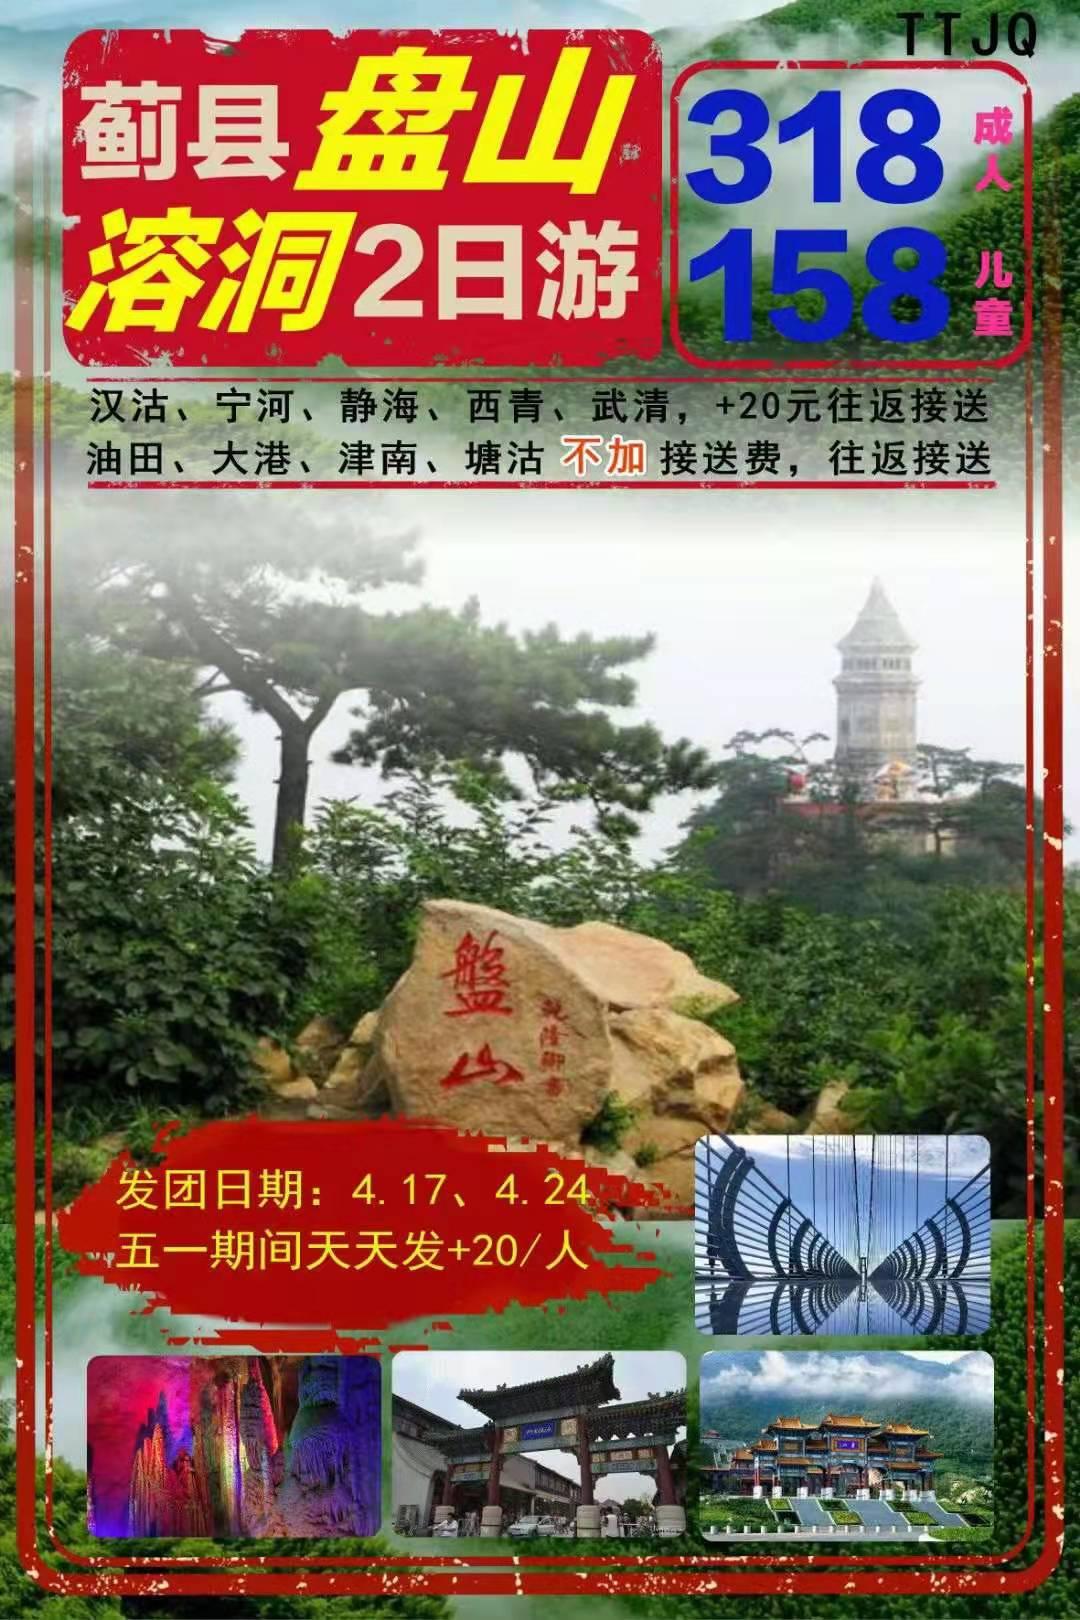 德赢最新登录网址_德赢vwin官方网站055盘山溶洞2日